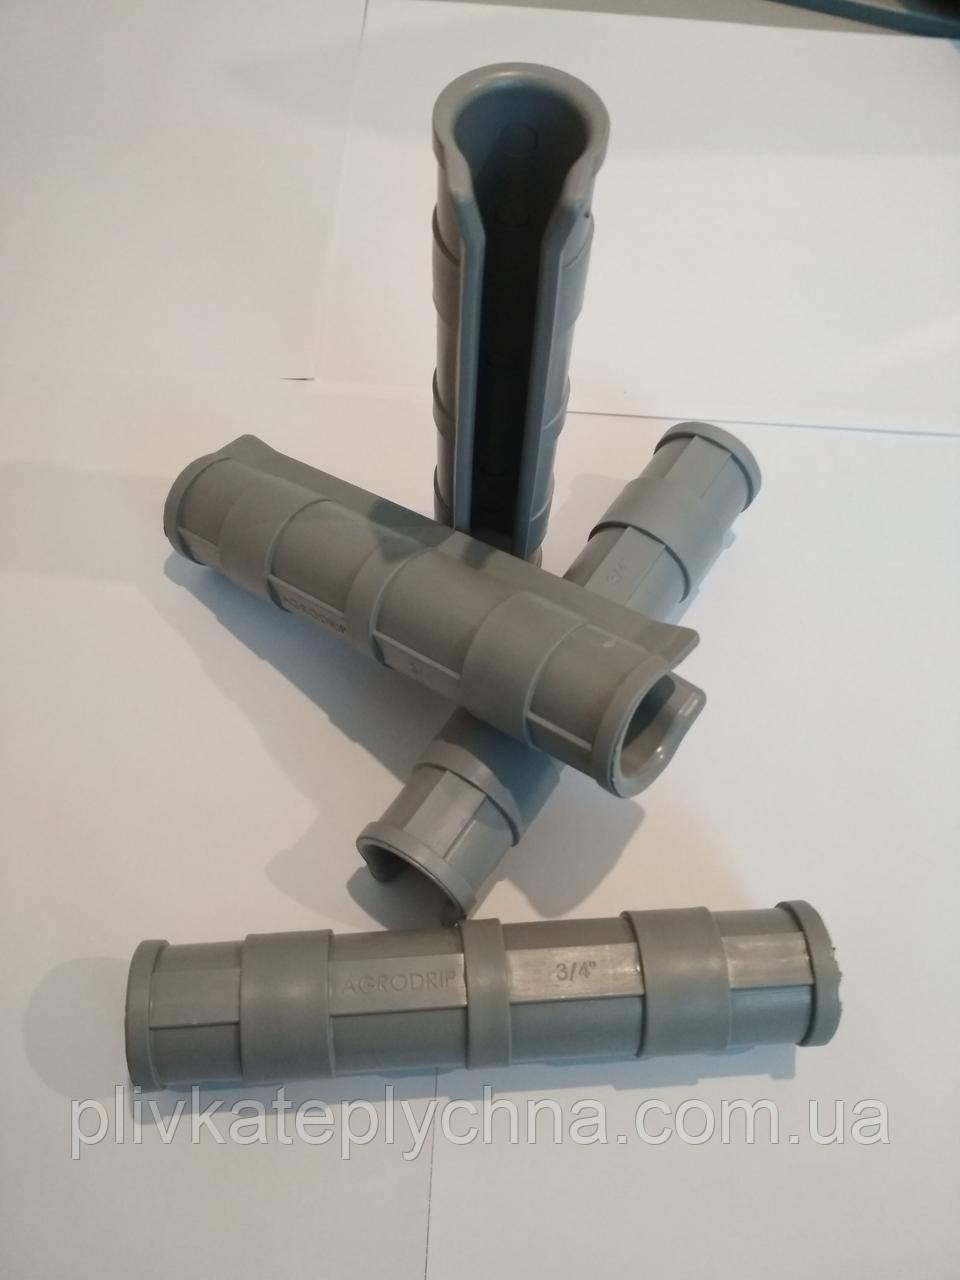 """Кліпс на трубу 3/4"""" PREMIUM довжина 15см (зовнішній діаметр труби 25-27мм)"""